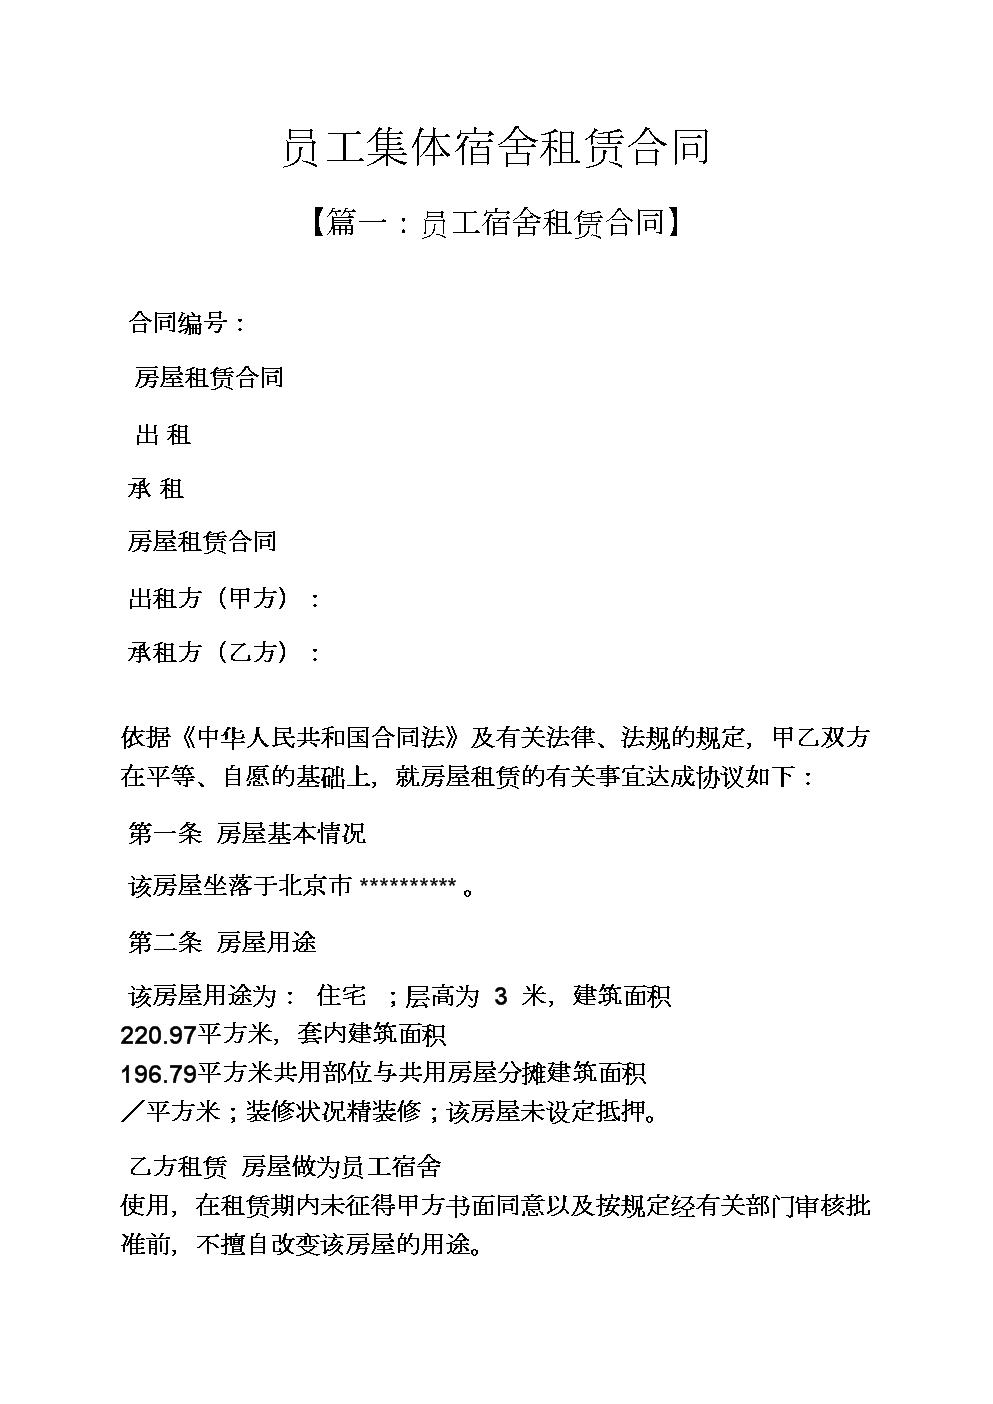 合同范本之员工集体宿舍租赁合同.docx